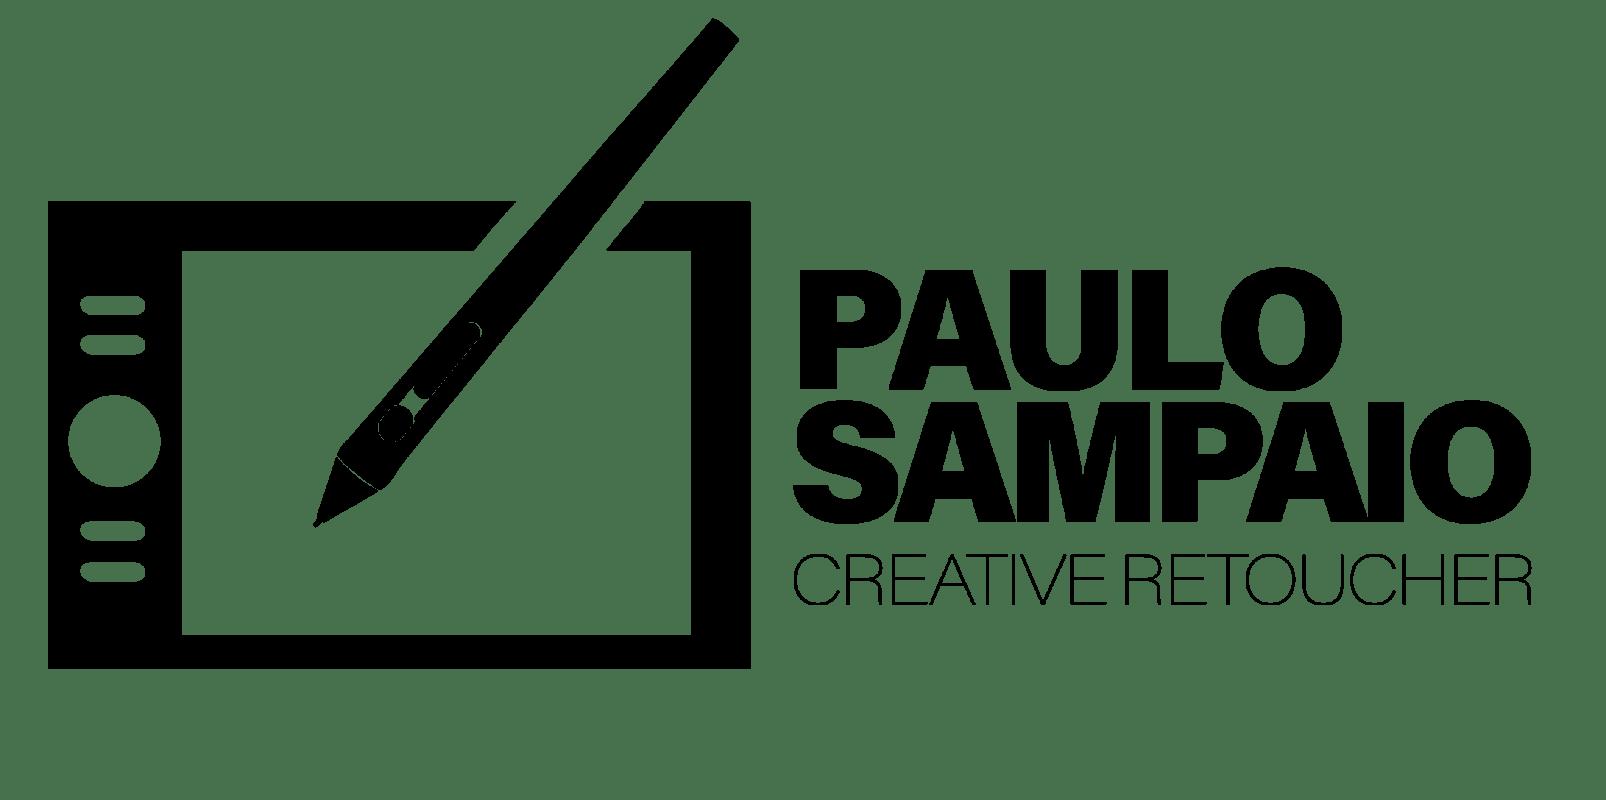 logo_retoucher-e1563646602759